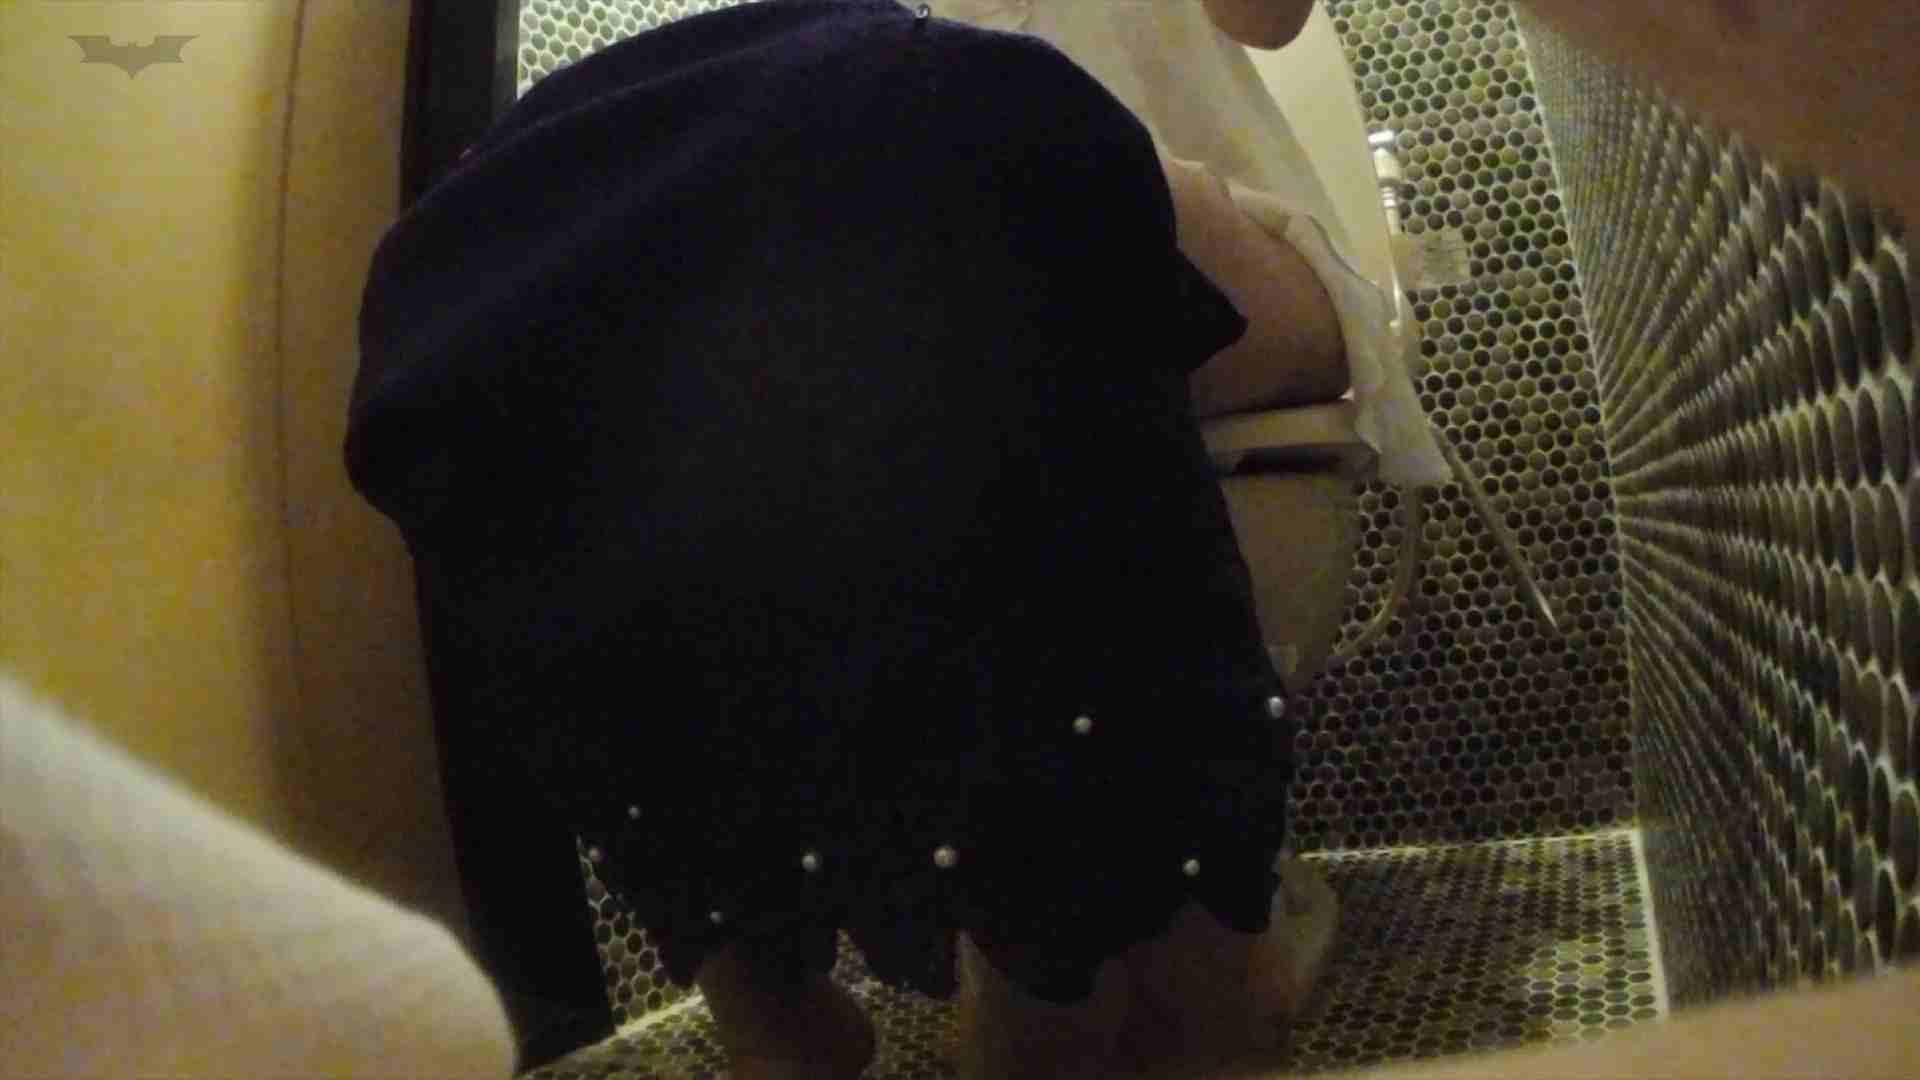 内緒でデリヘル盗撮 Vol.02前編 人気No.1手こき嬢を内緒で・・・。 盗撮映像  75Pix 14